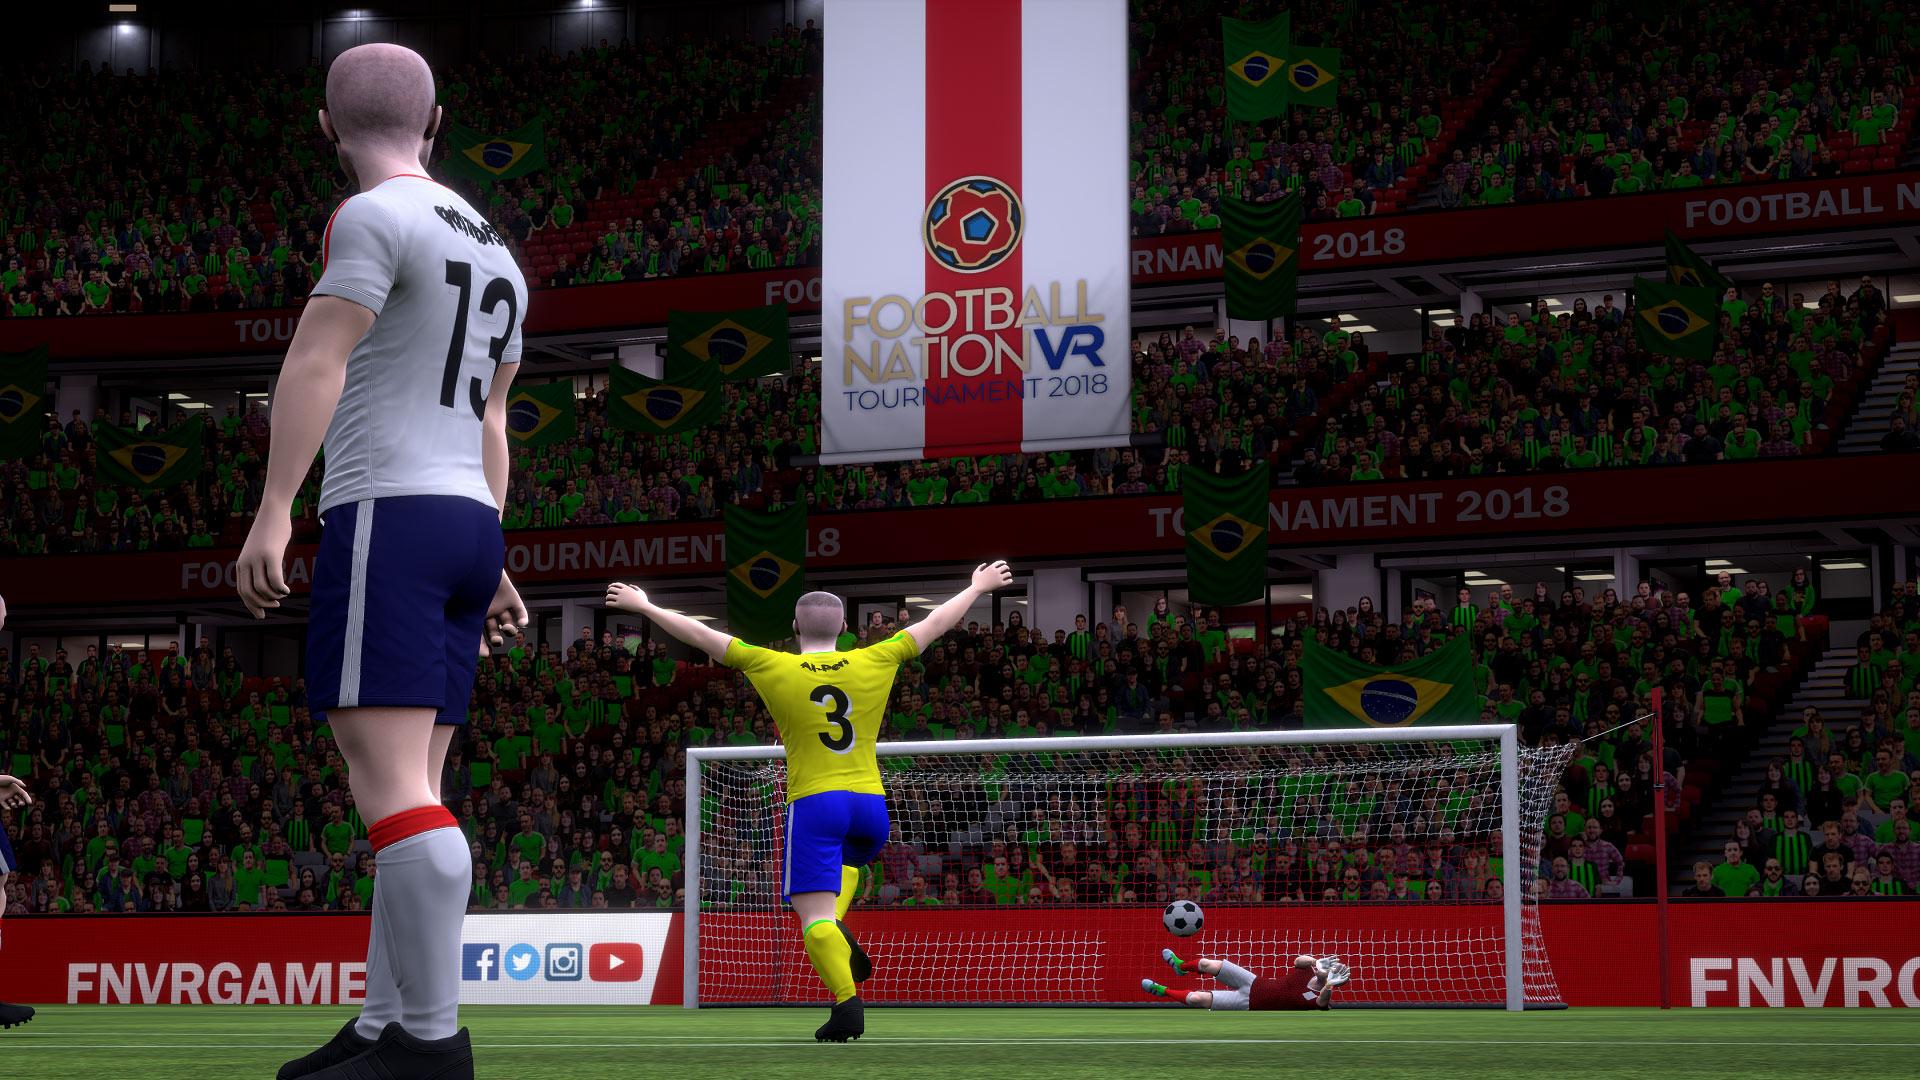 Football nation VR